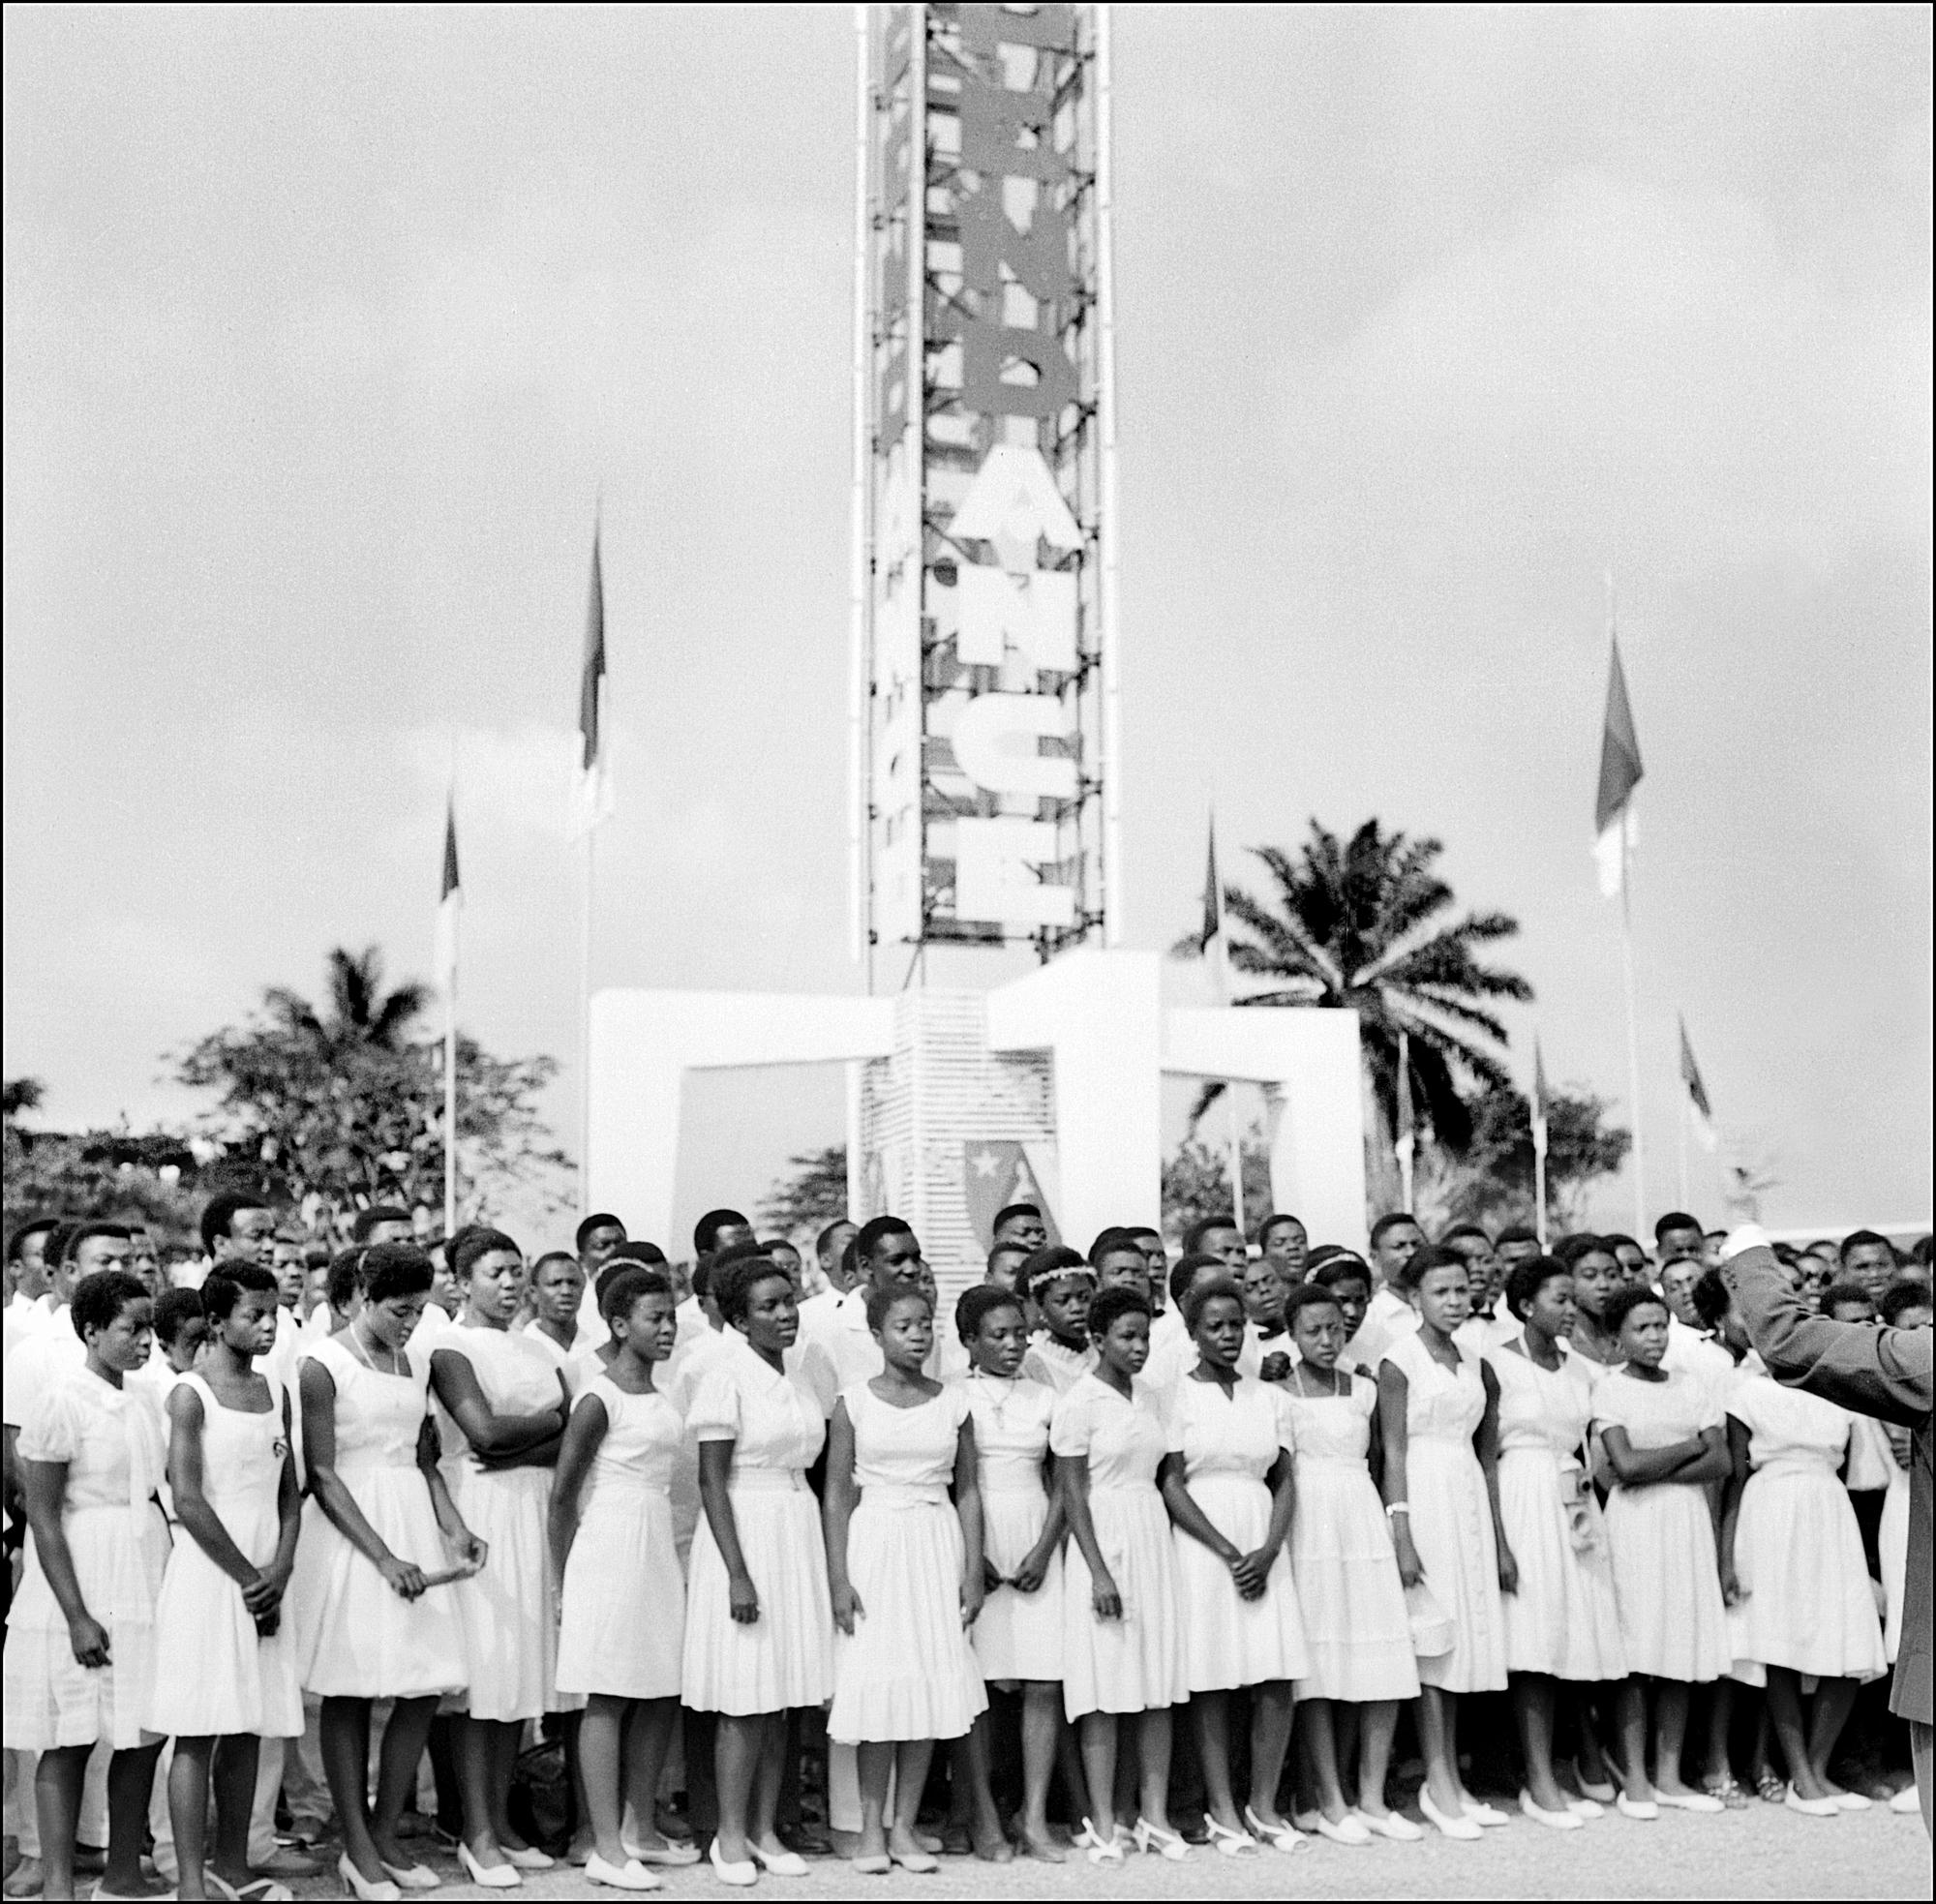 Le 3janvier 1960, les candidates au concours de Miss Indépendance du Cameroun participent au défilé.